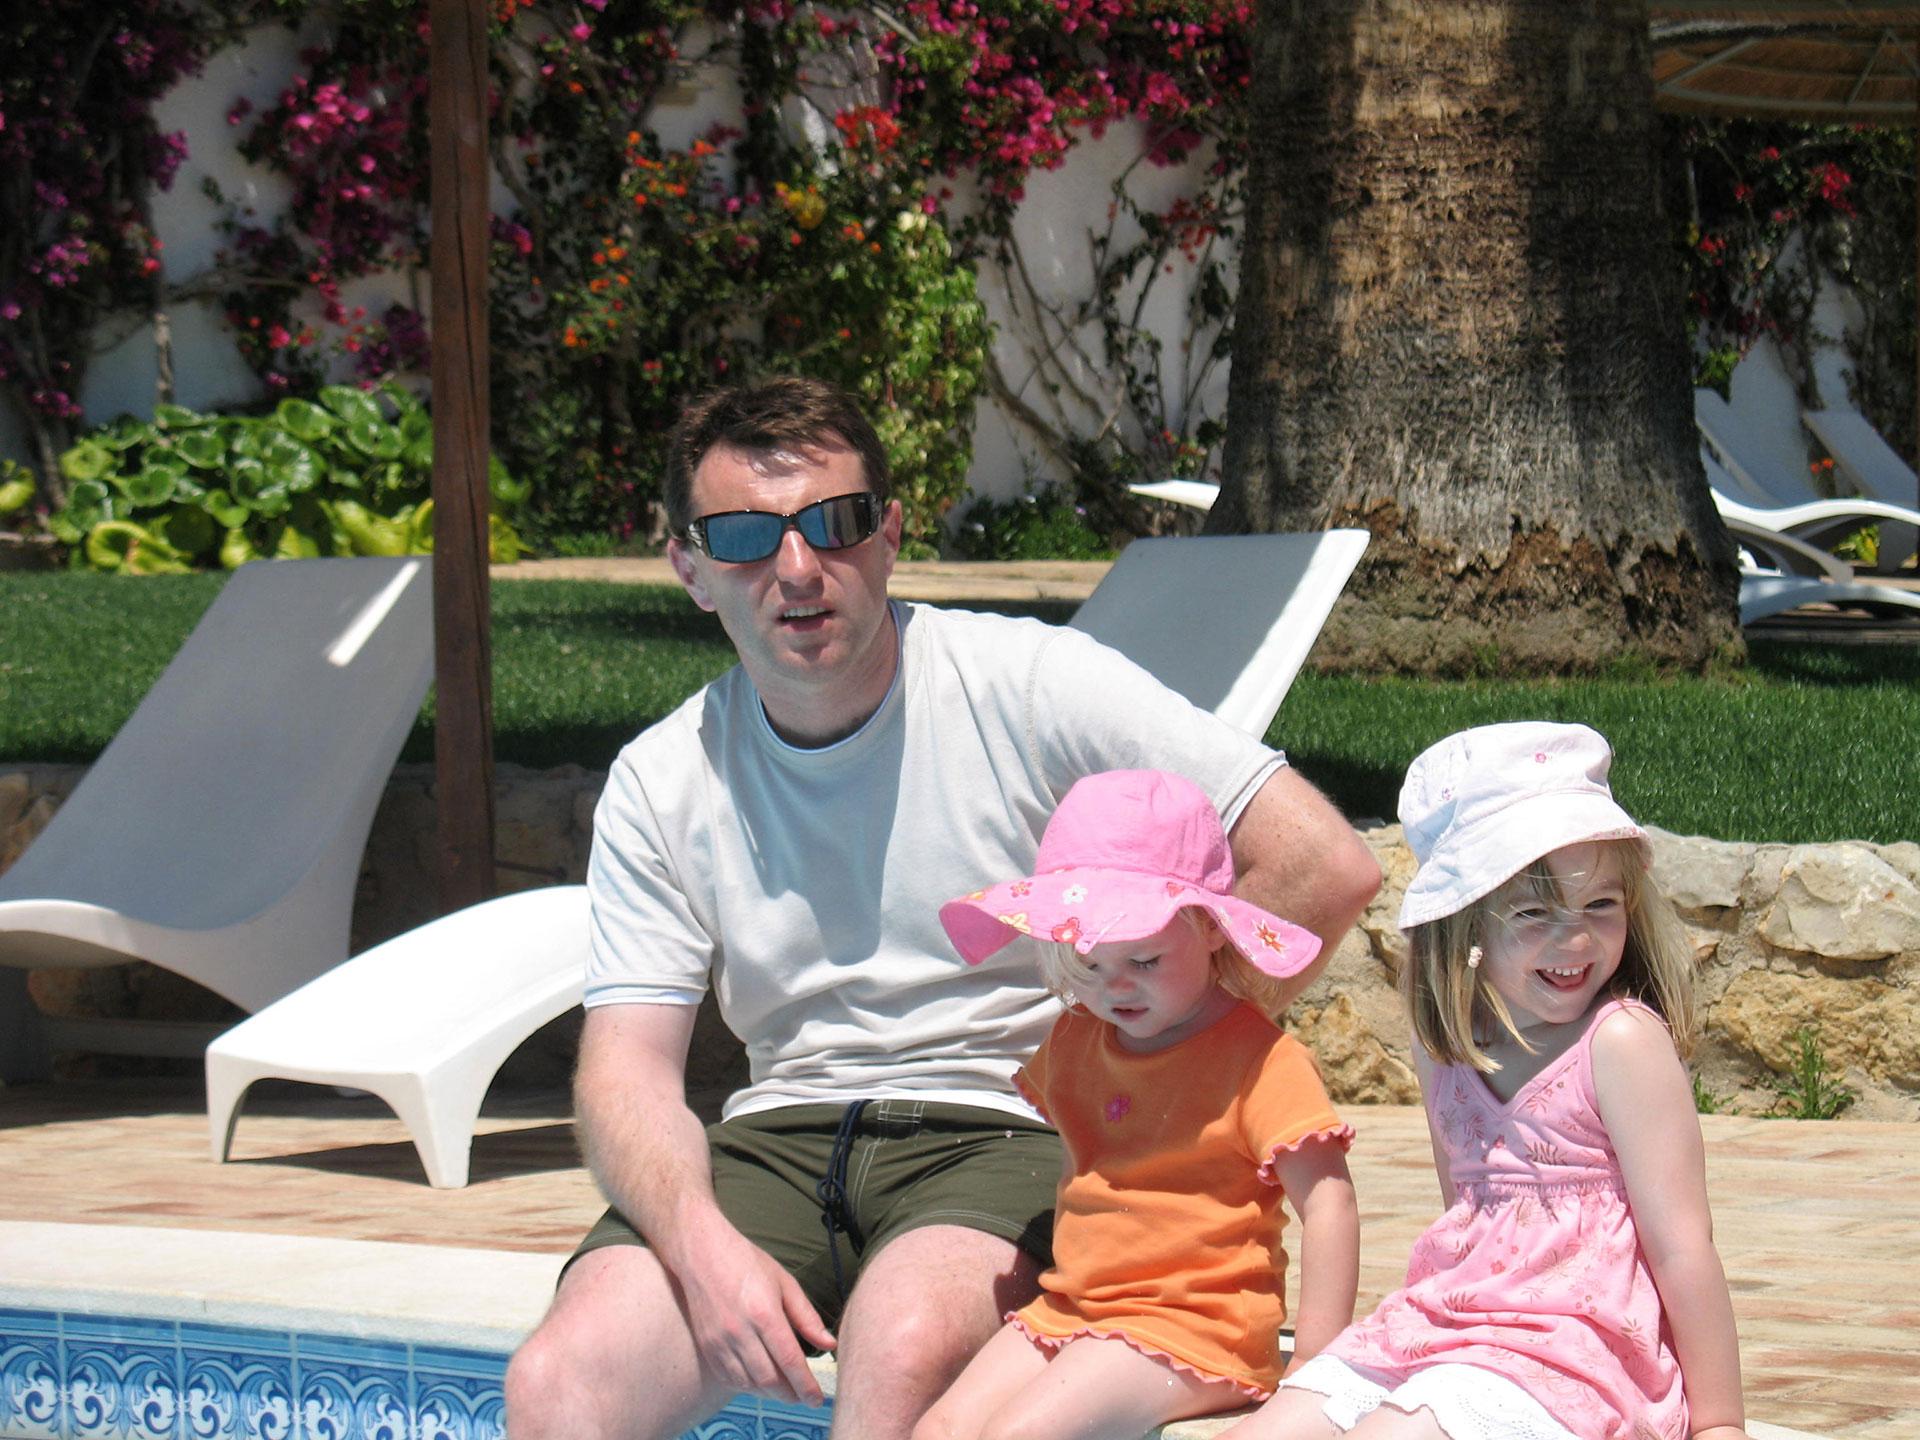 La última fotografía en Praia da Luz, Portugal, junto con su padre Gerry y su hermana menor